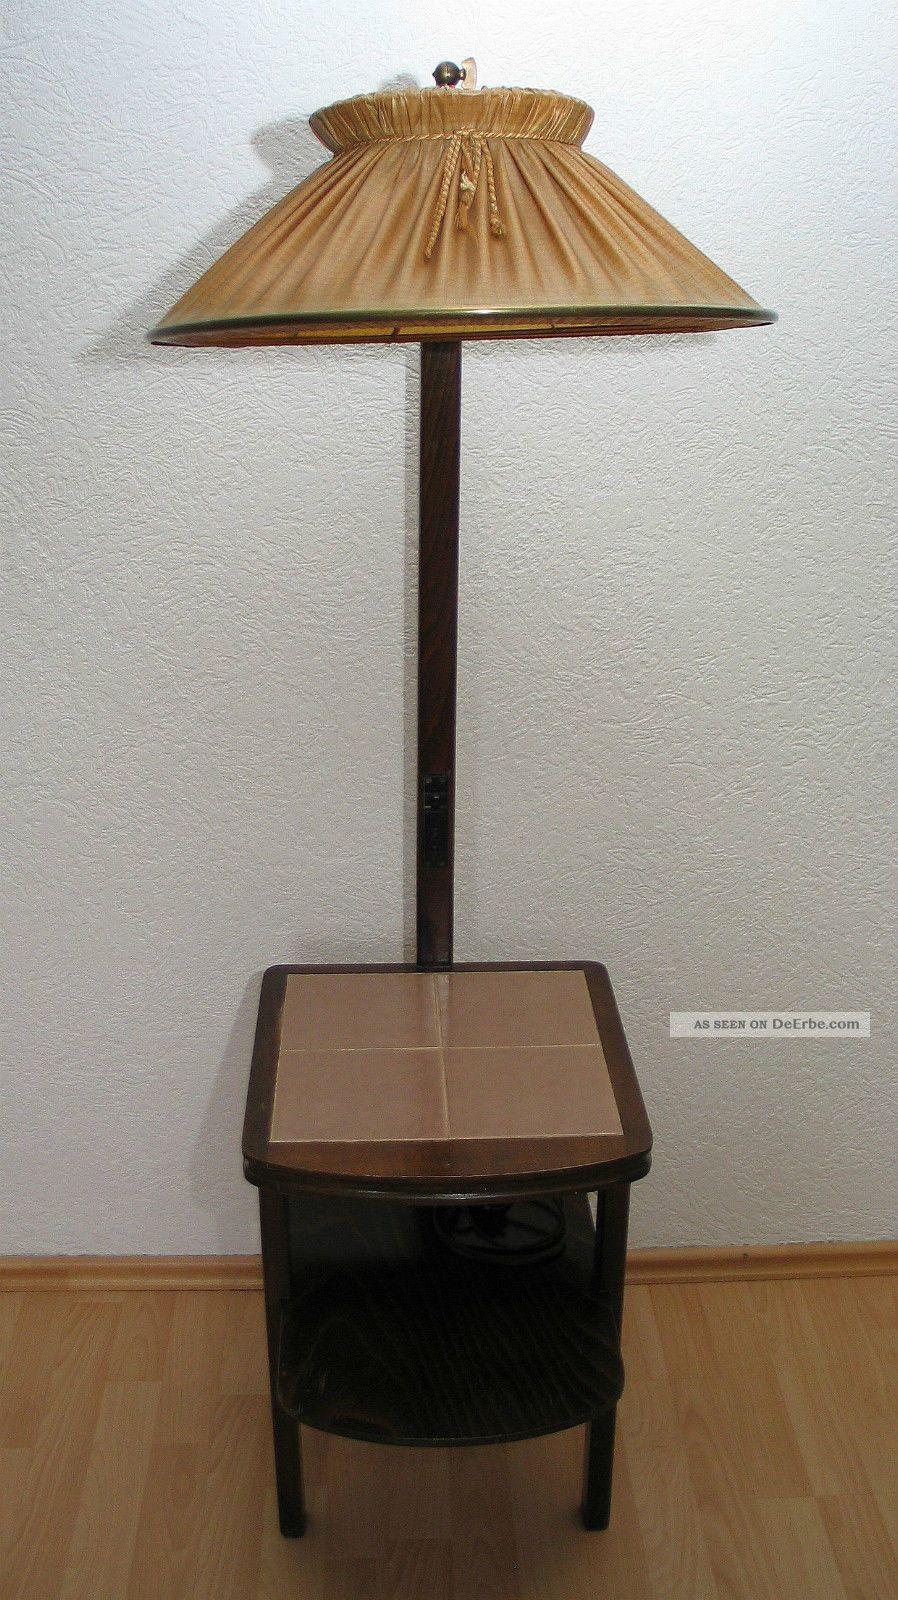 alte stehlampe mit integr tisch 50er jahre aus familienbesitz. Black Bedroom Furniture Sets. Home Design Ideas